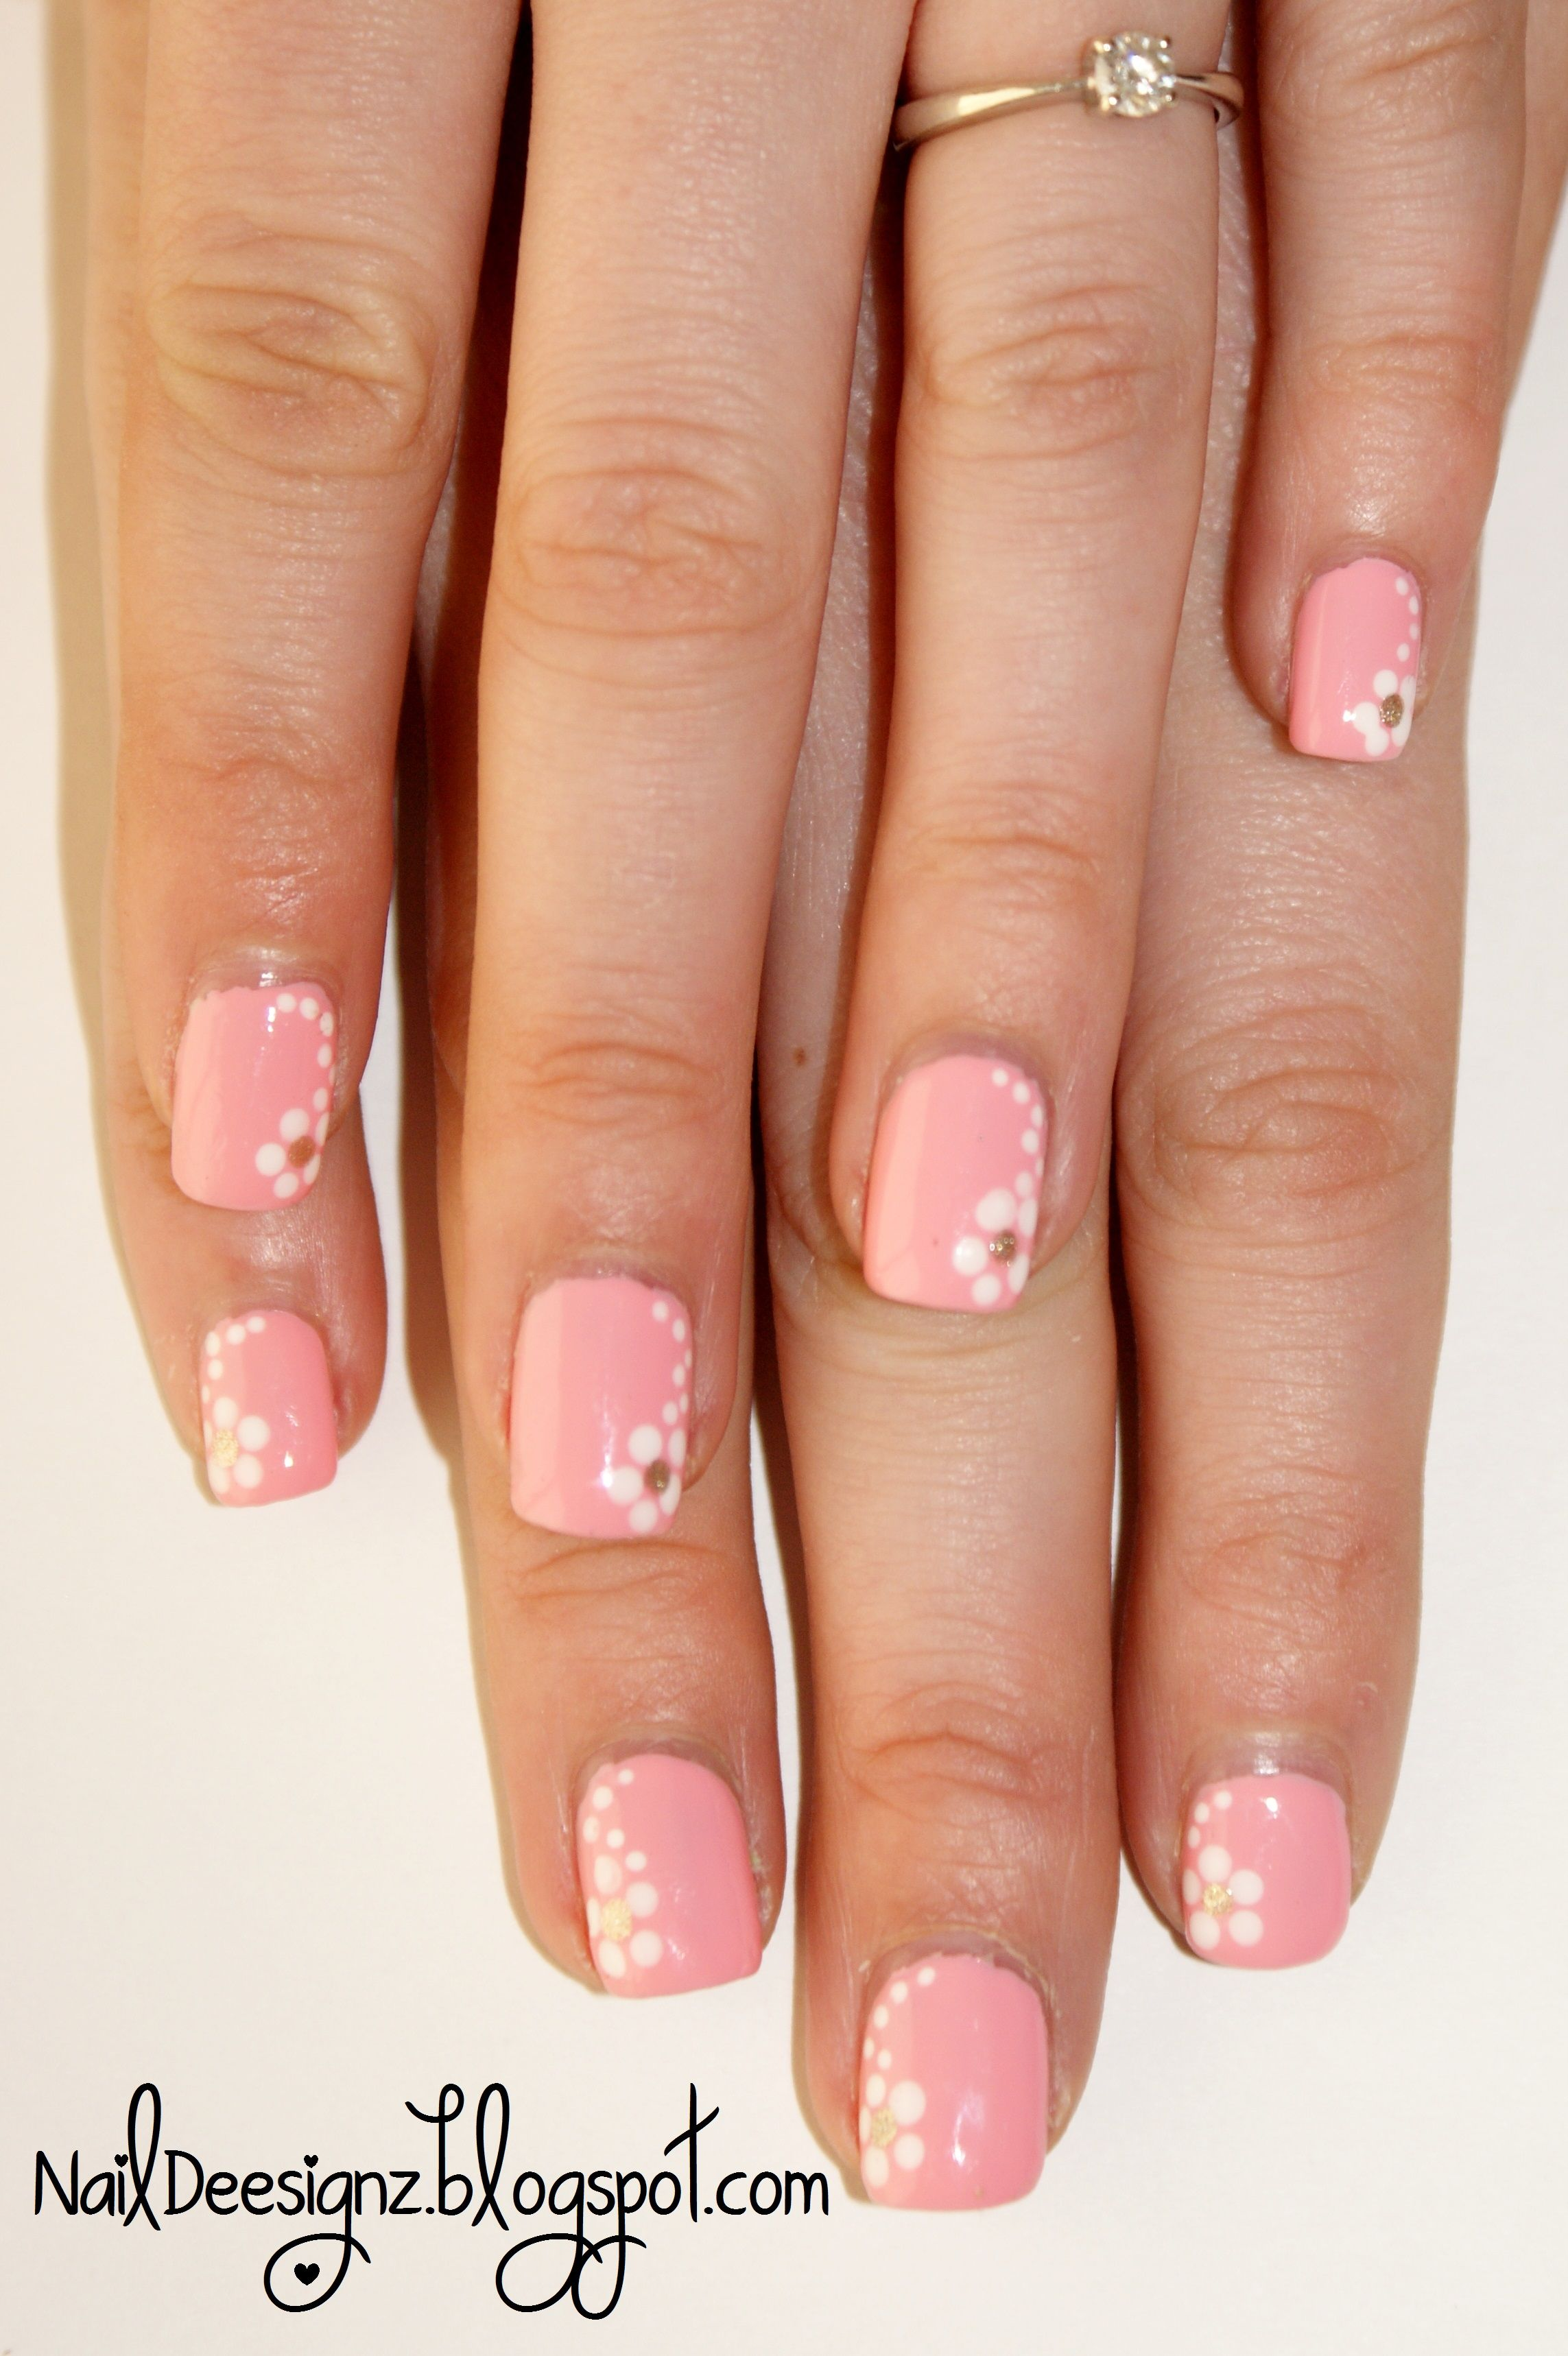 Spring Flower Nail Art X Httpnaildeesignzspot